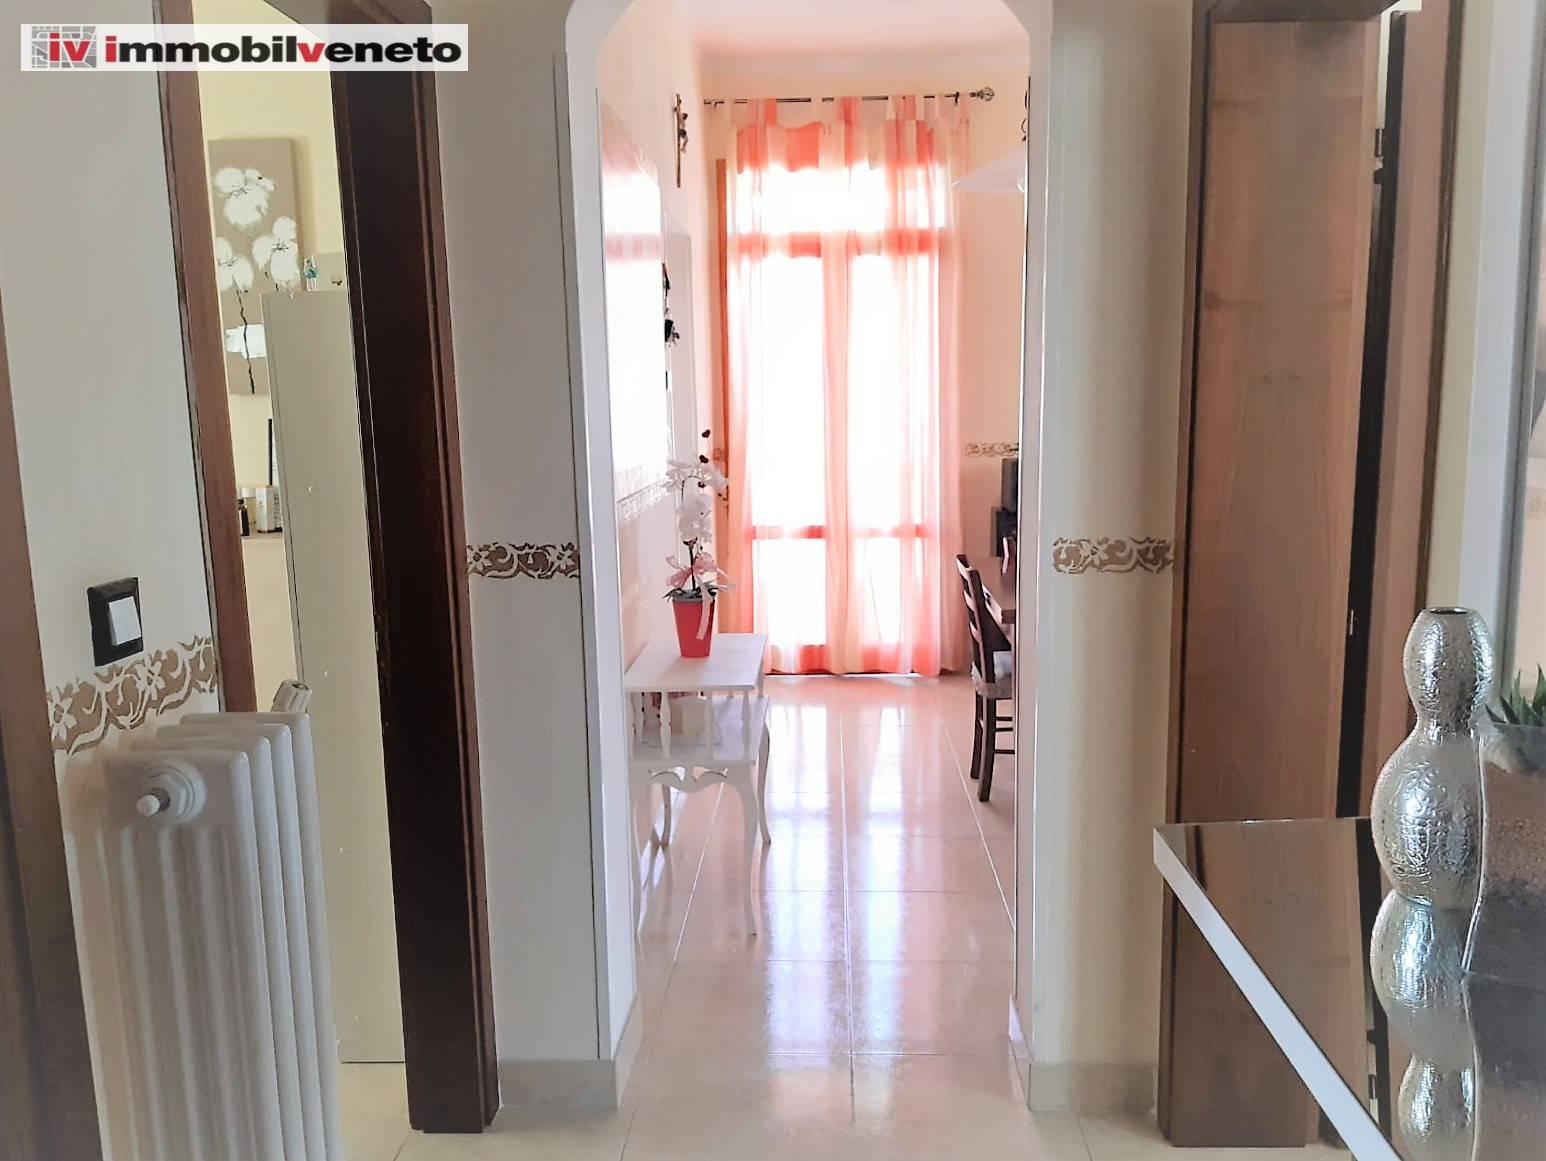 Appartamento in vendita a Lonigo, 5 locali, prezzo € 98.000   CambioCasa.it